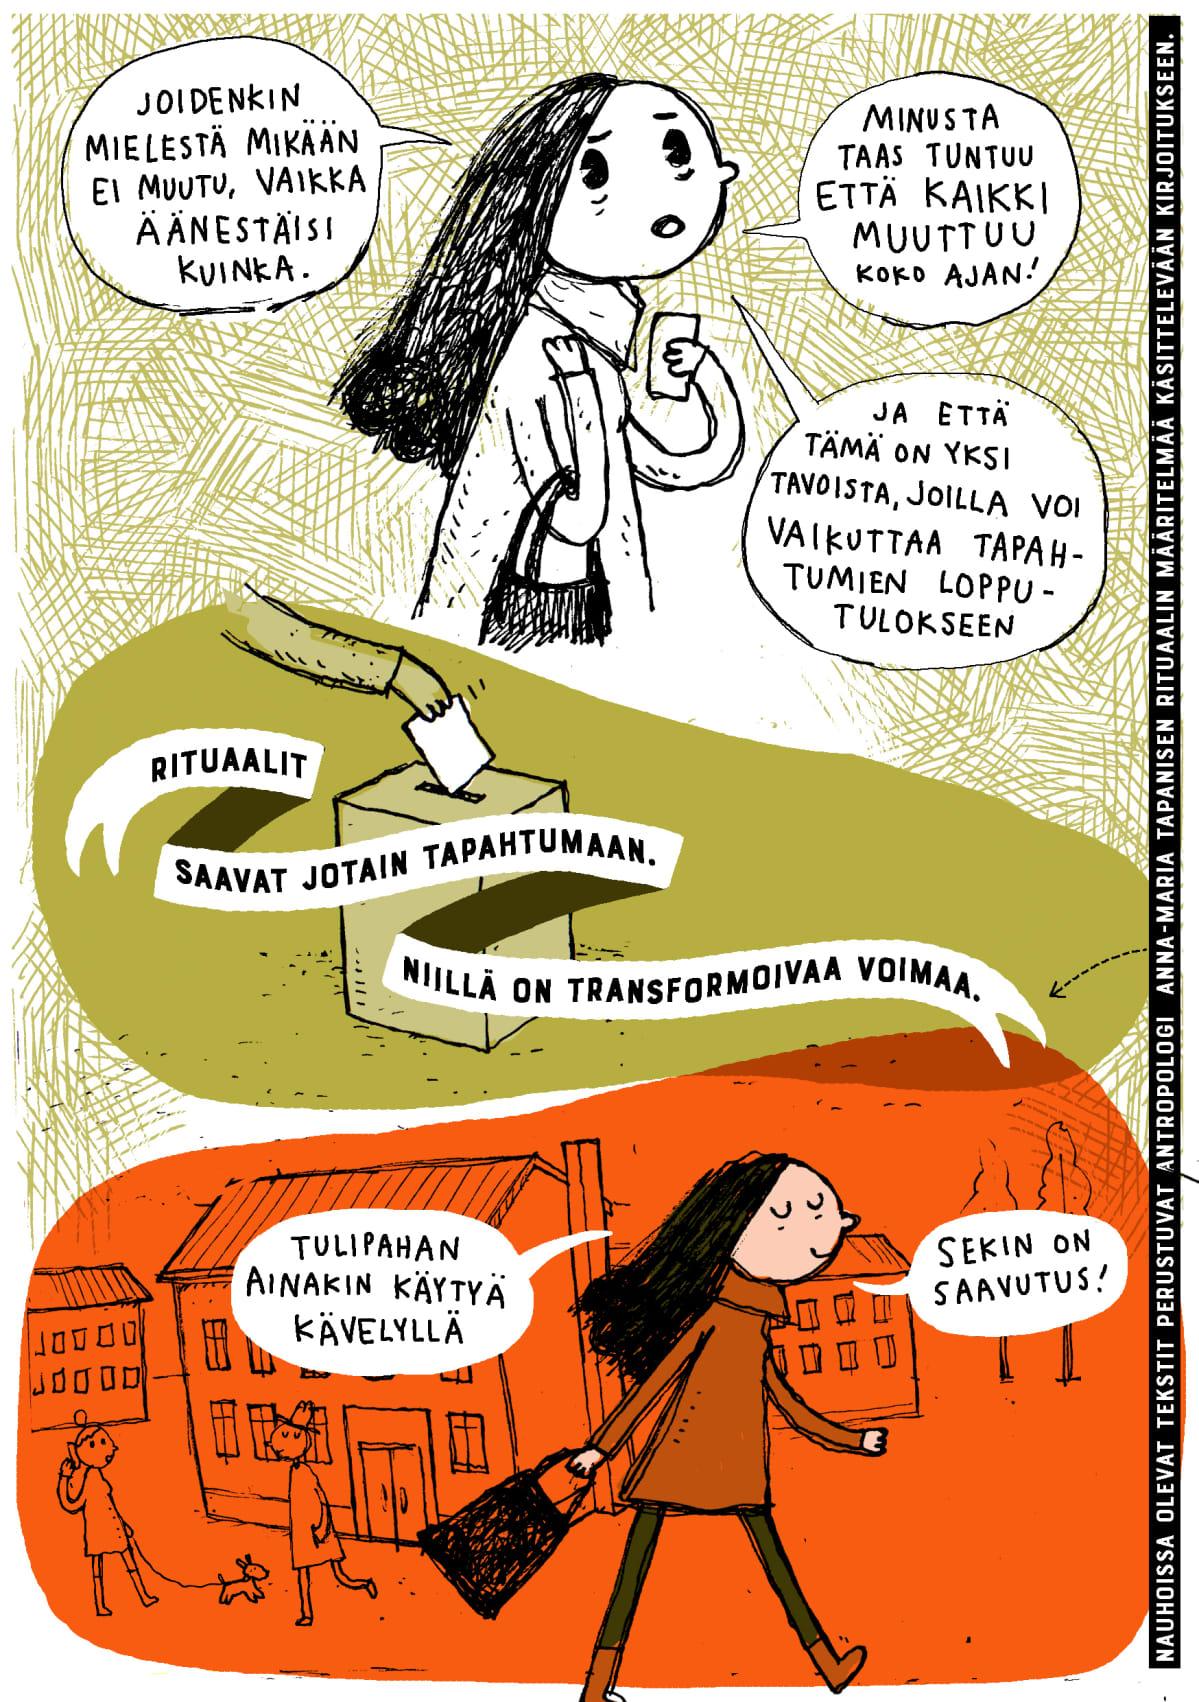 Aiju Salminen, sarjakuvakolumni, äänestäminen, kuva 4